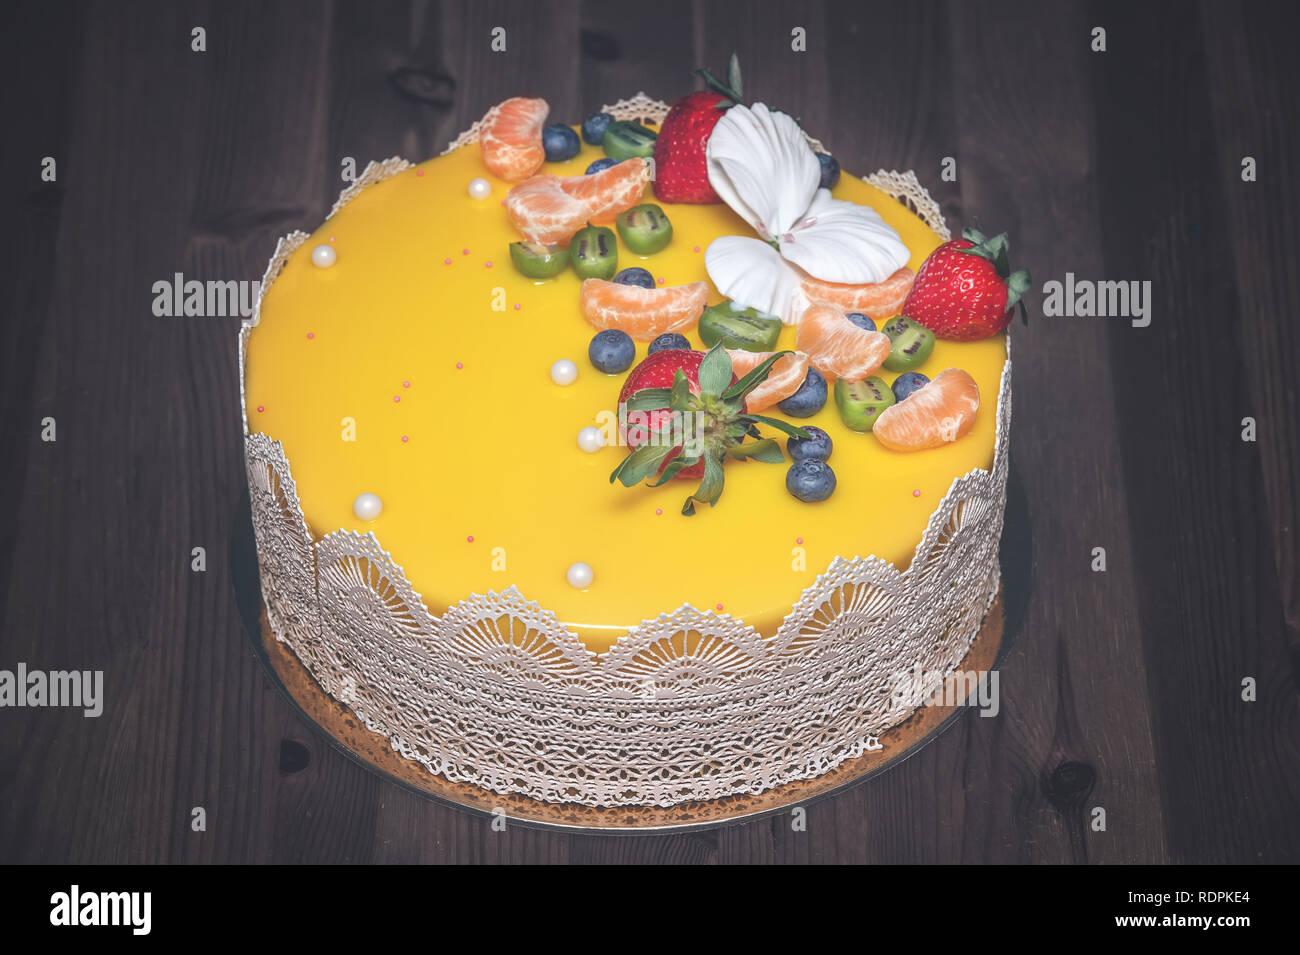 Schonen Leckeren Gelben Kuchen Mit Fruchten Und Karamell Dekoration